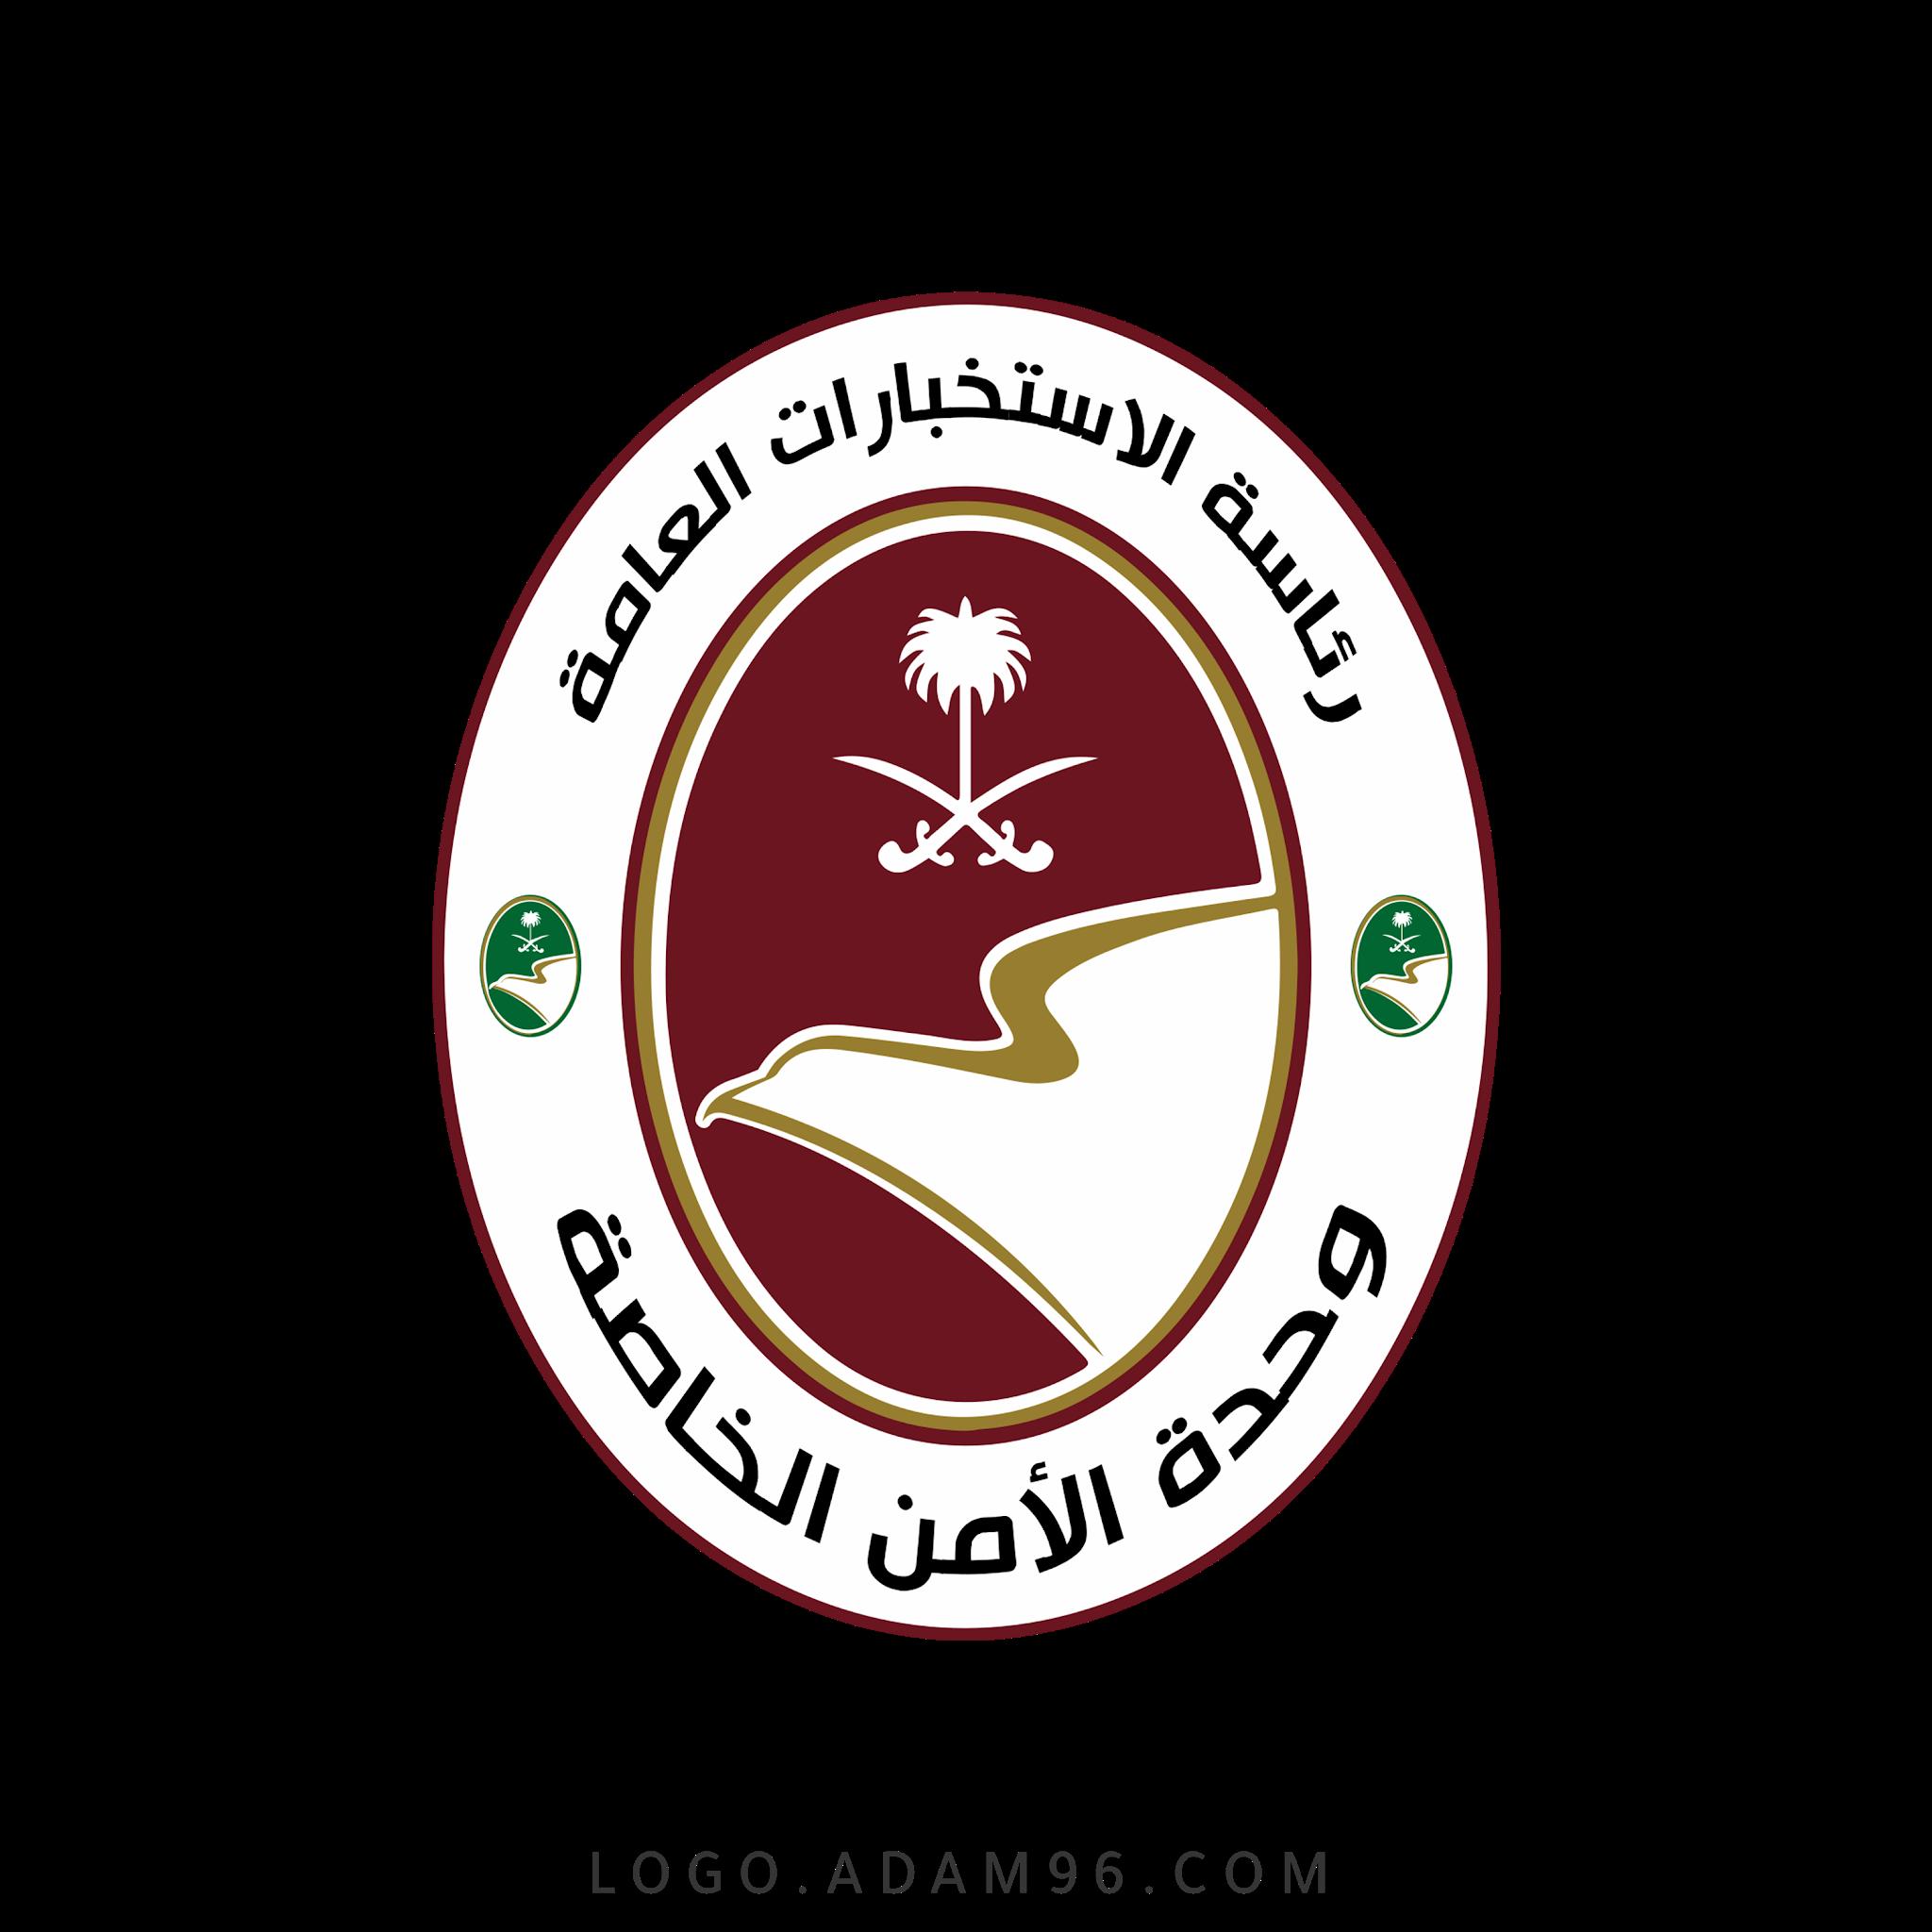 تحميل شعار وحدة الأمن الخاص السعودية لوجو رسمي بجودة عالية PNG